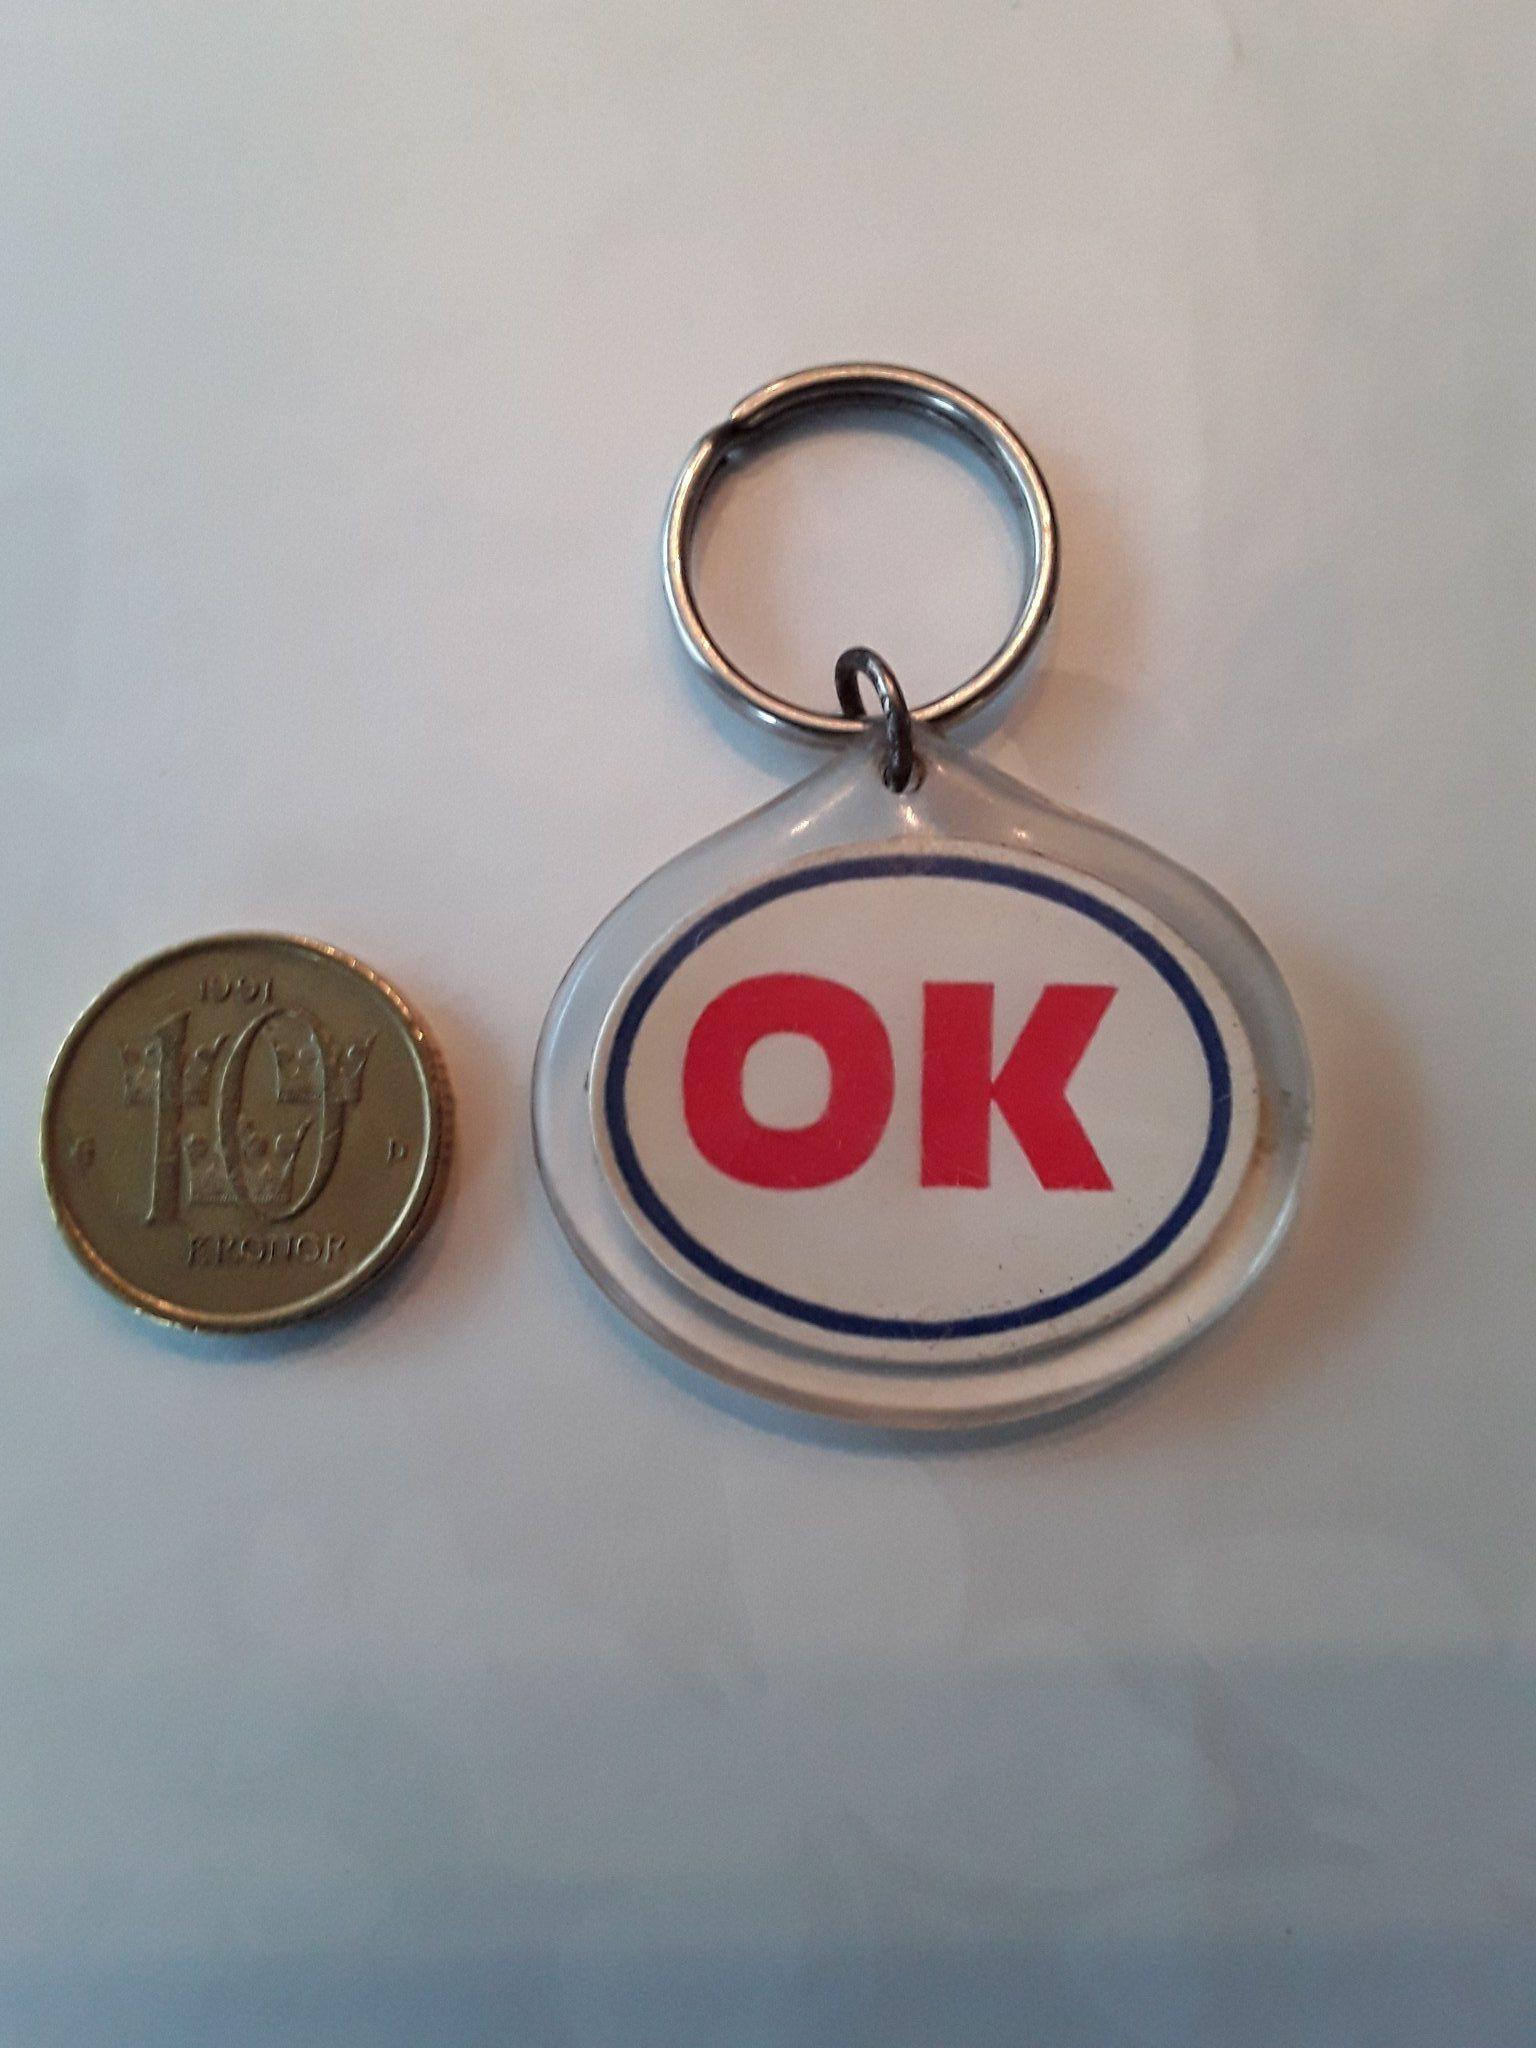 Ok bensin nyckelring (339831521) ᐈ Köp på Tradera 21c05bc84cdd5